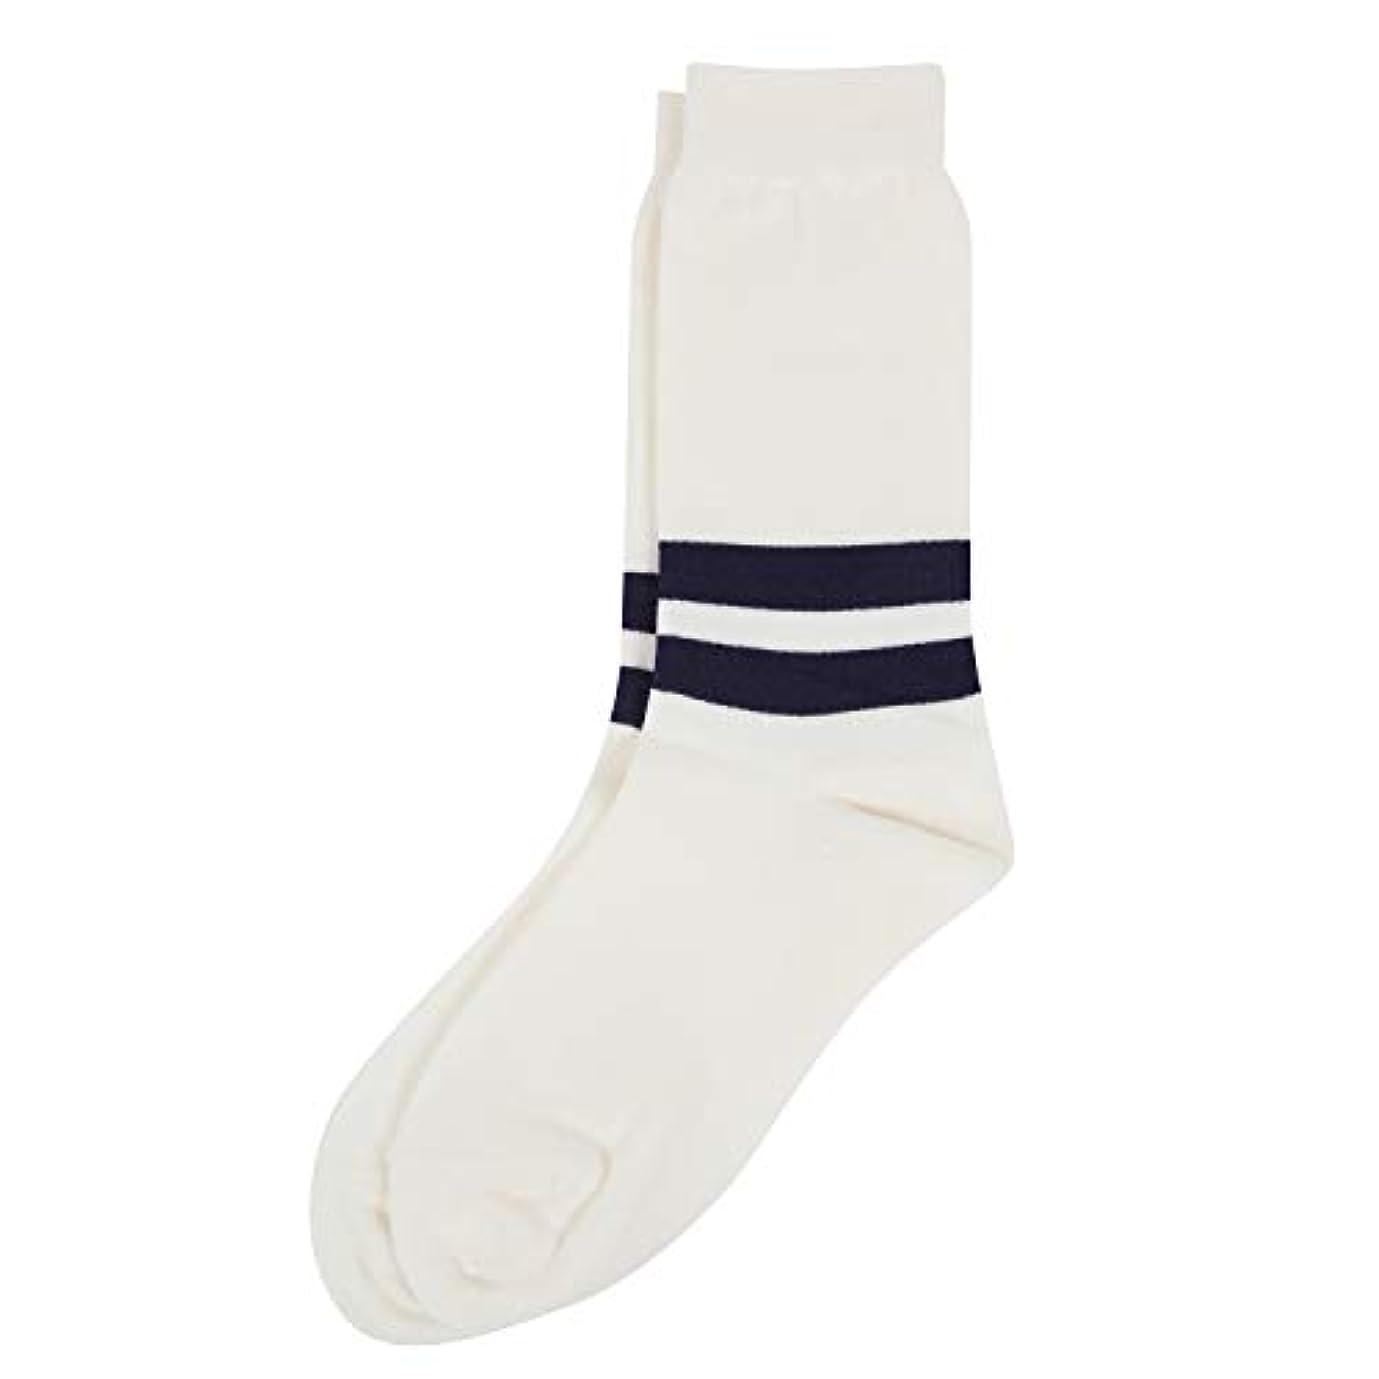 生き残ります市の花取り消すDeol(デオル) ラインソックス 男性用 メンズ [足のニオイ対策] 長期間持続 日本製 無地 靴下 白 25cm-27cm